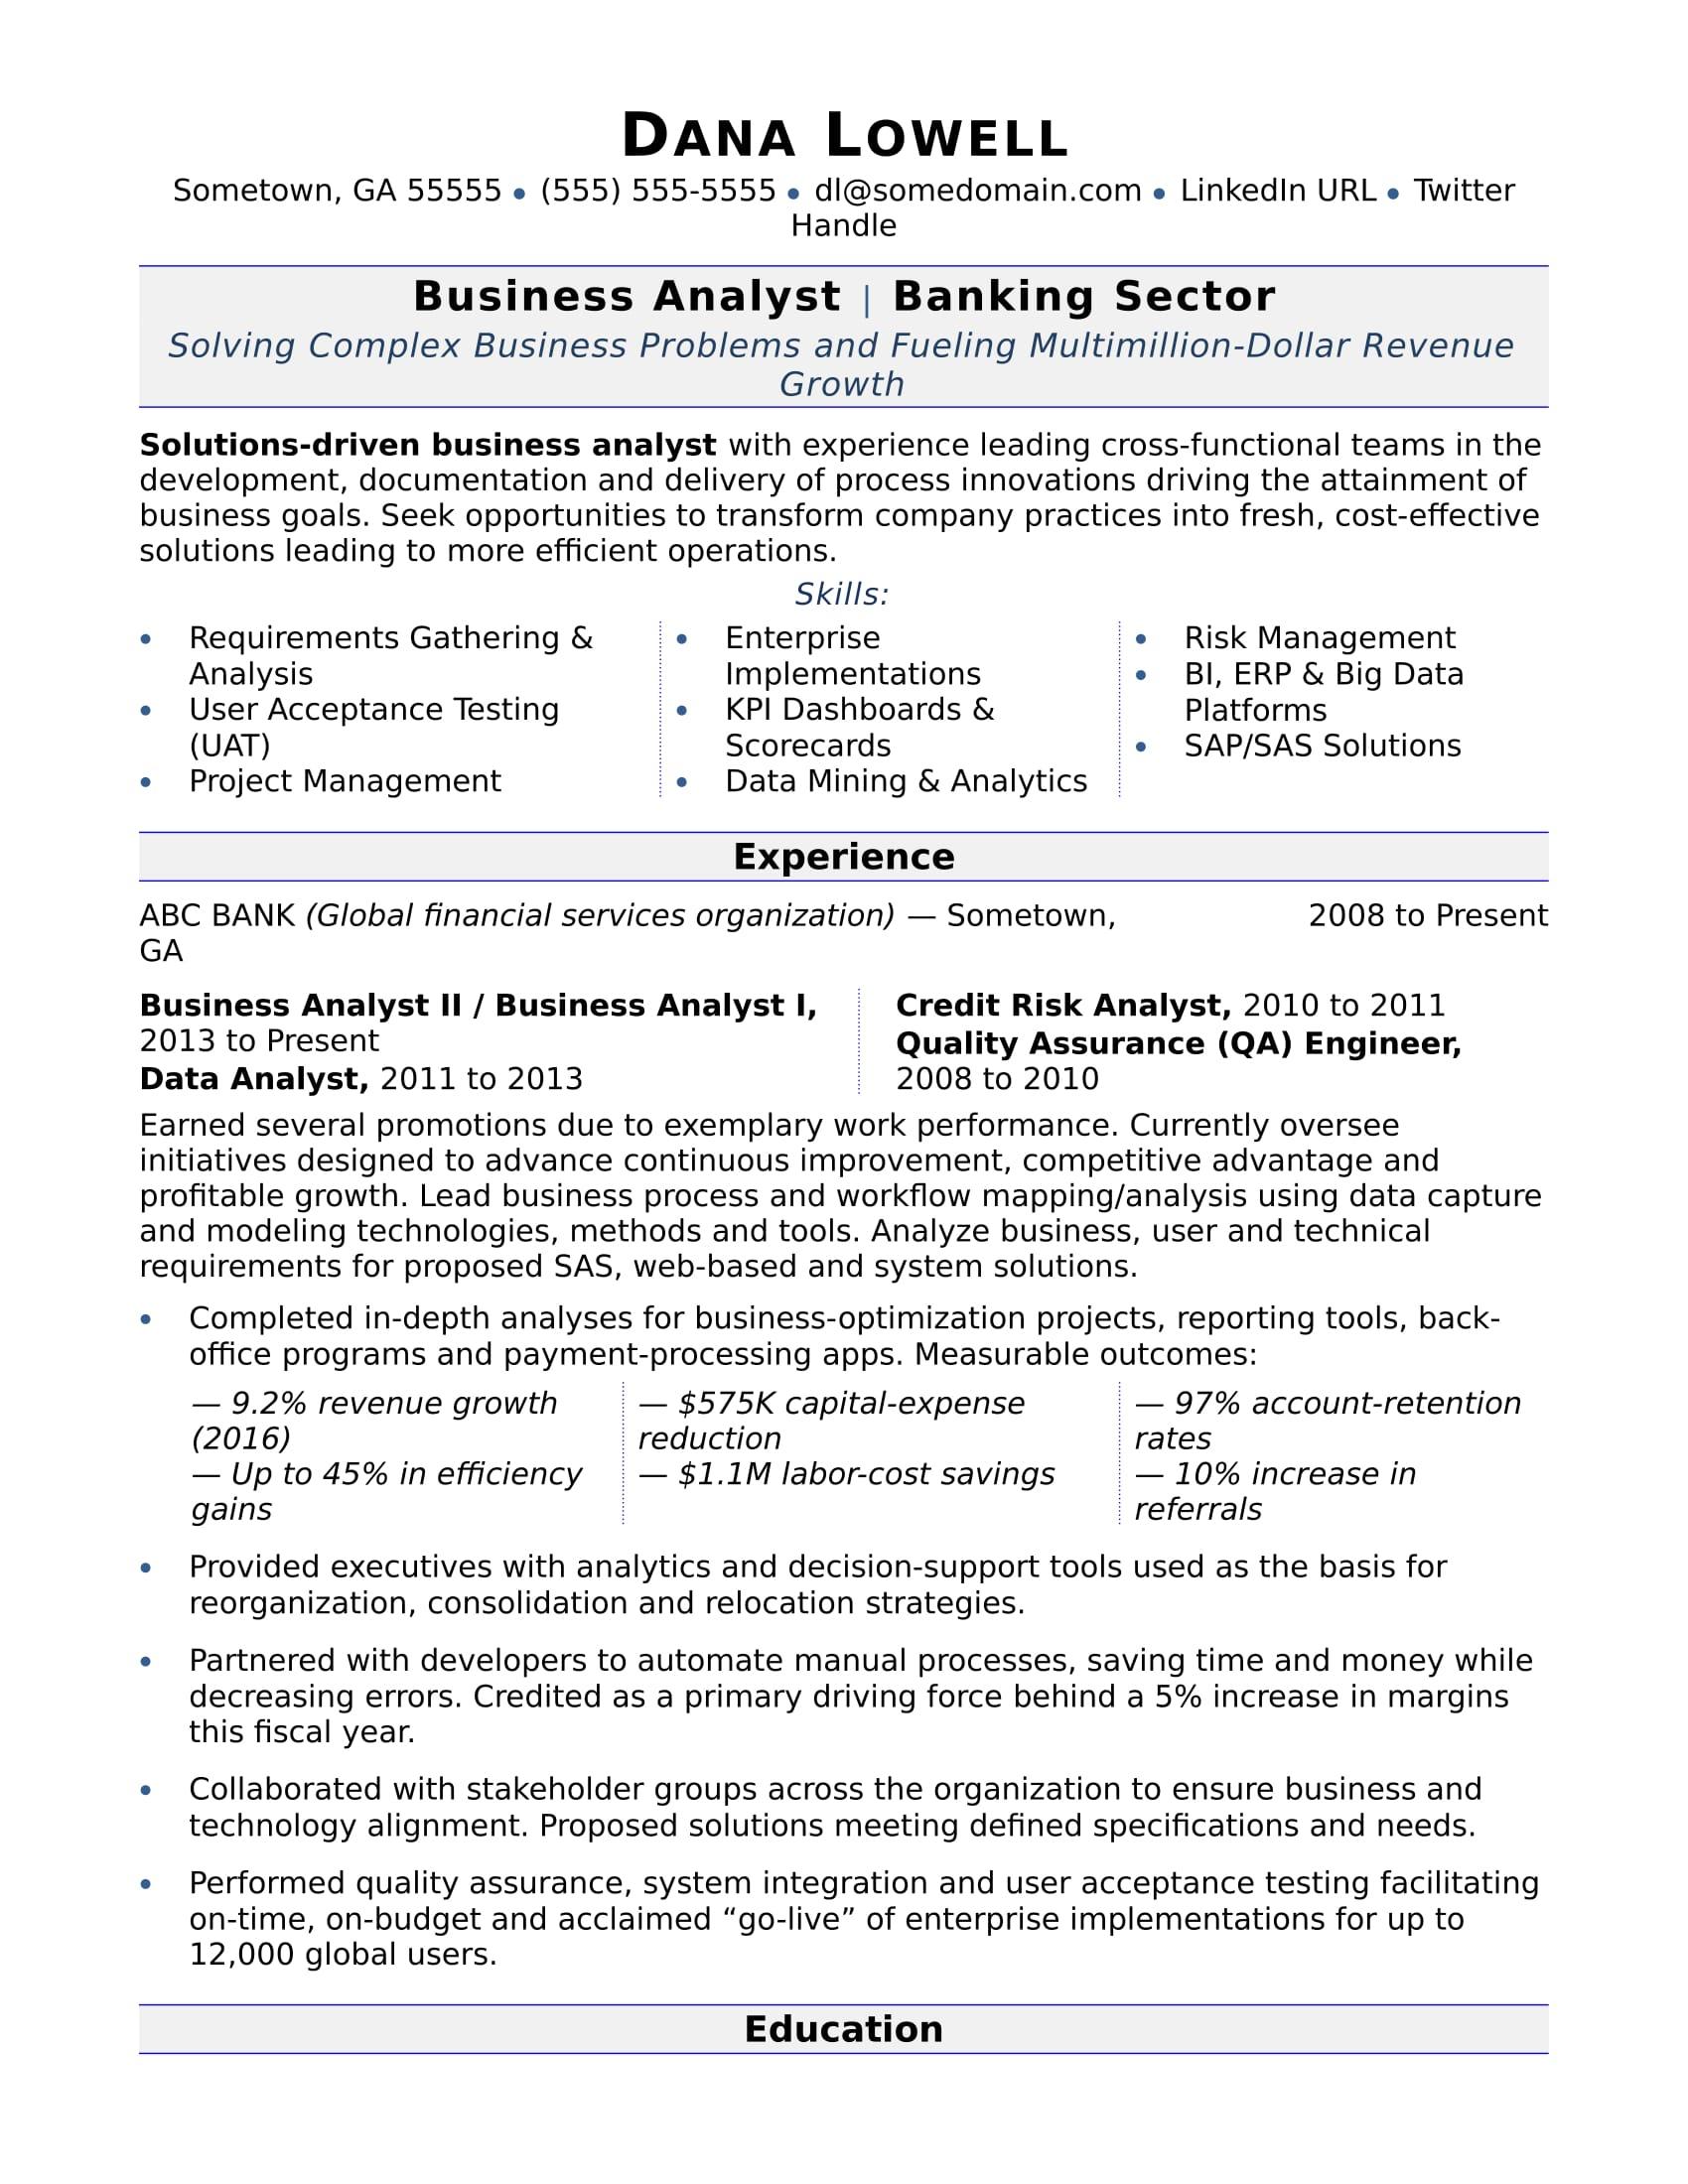 Resume Templates Monster